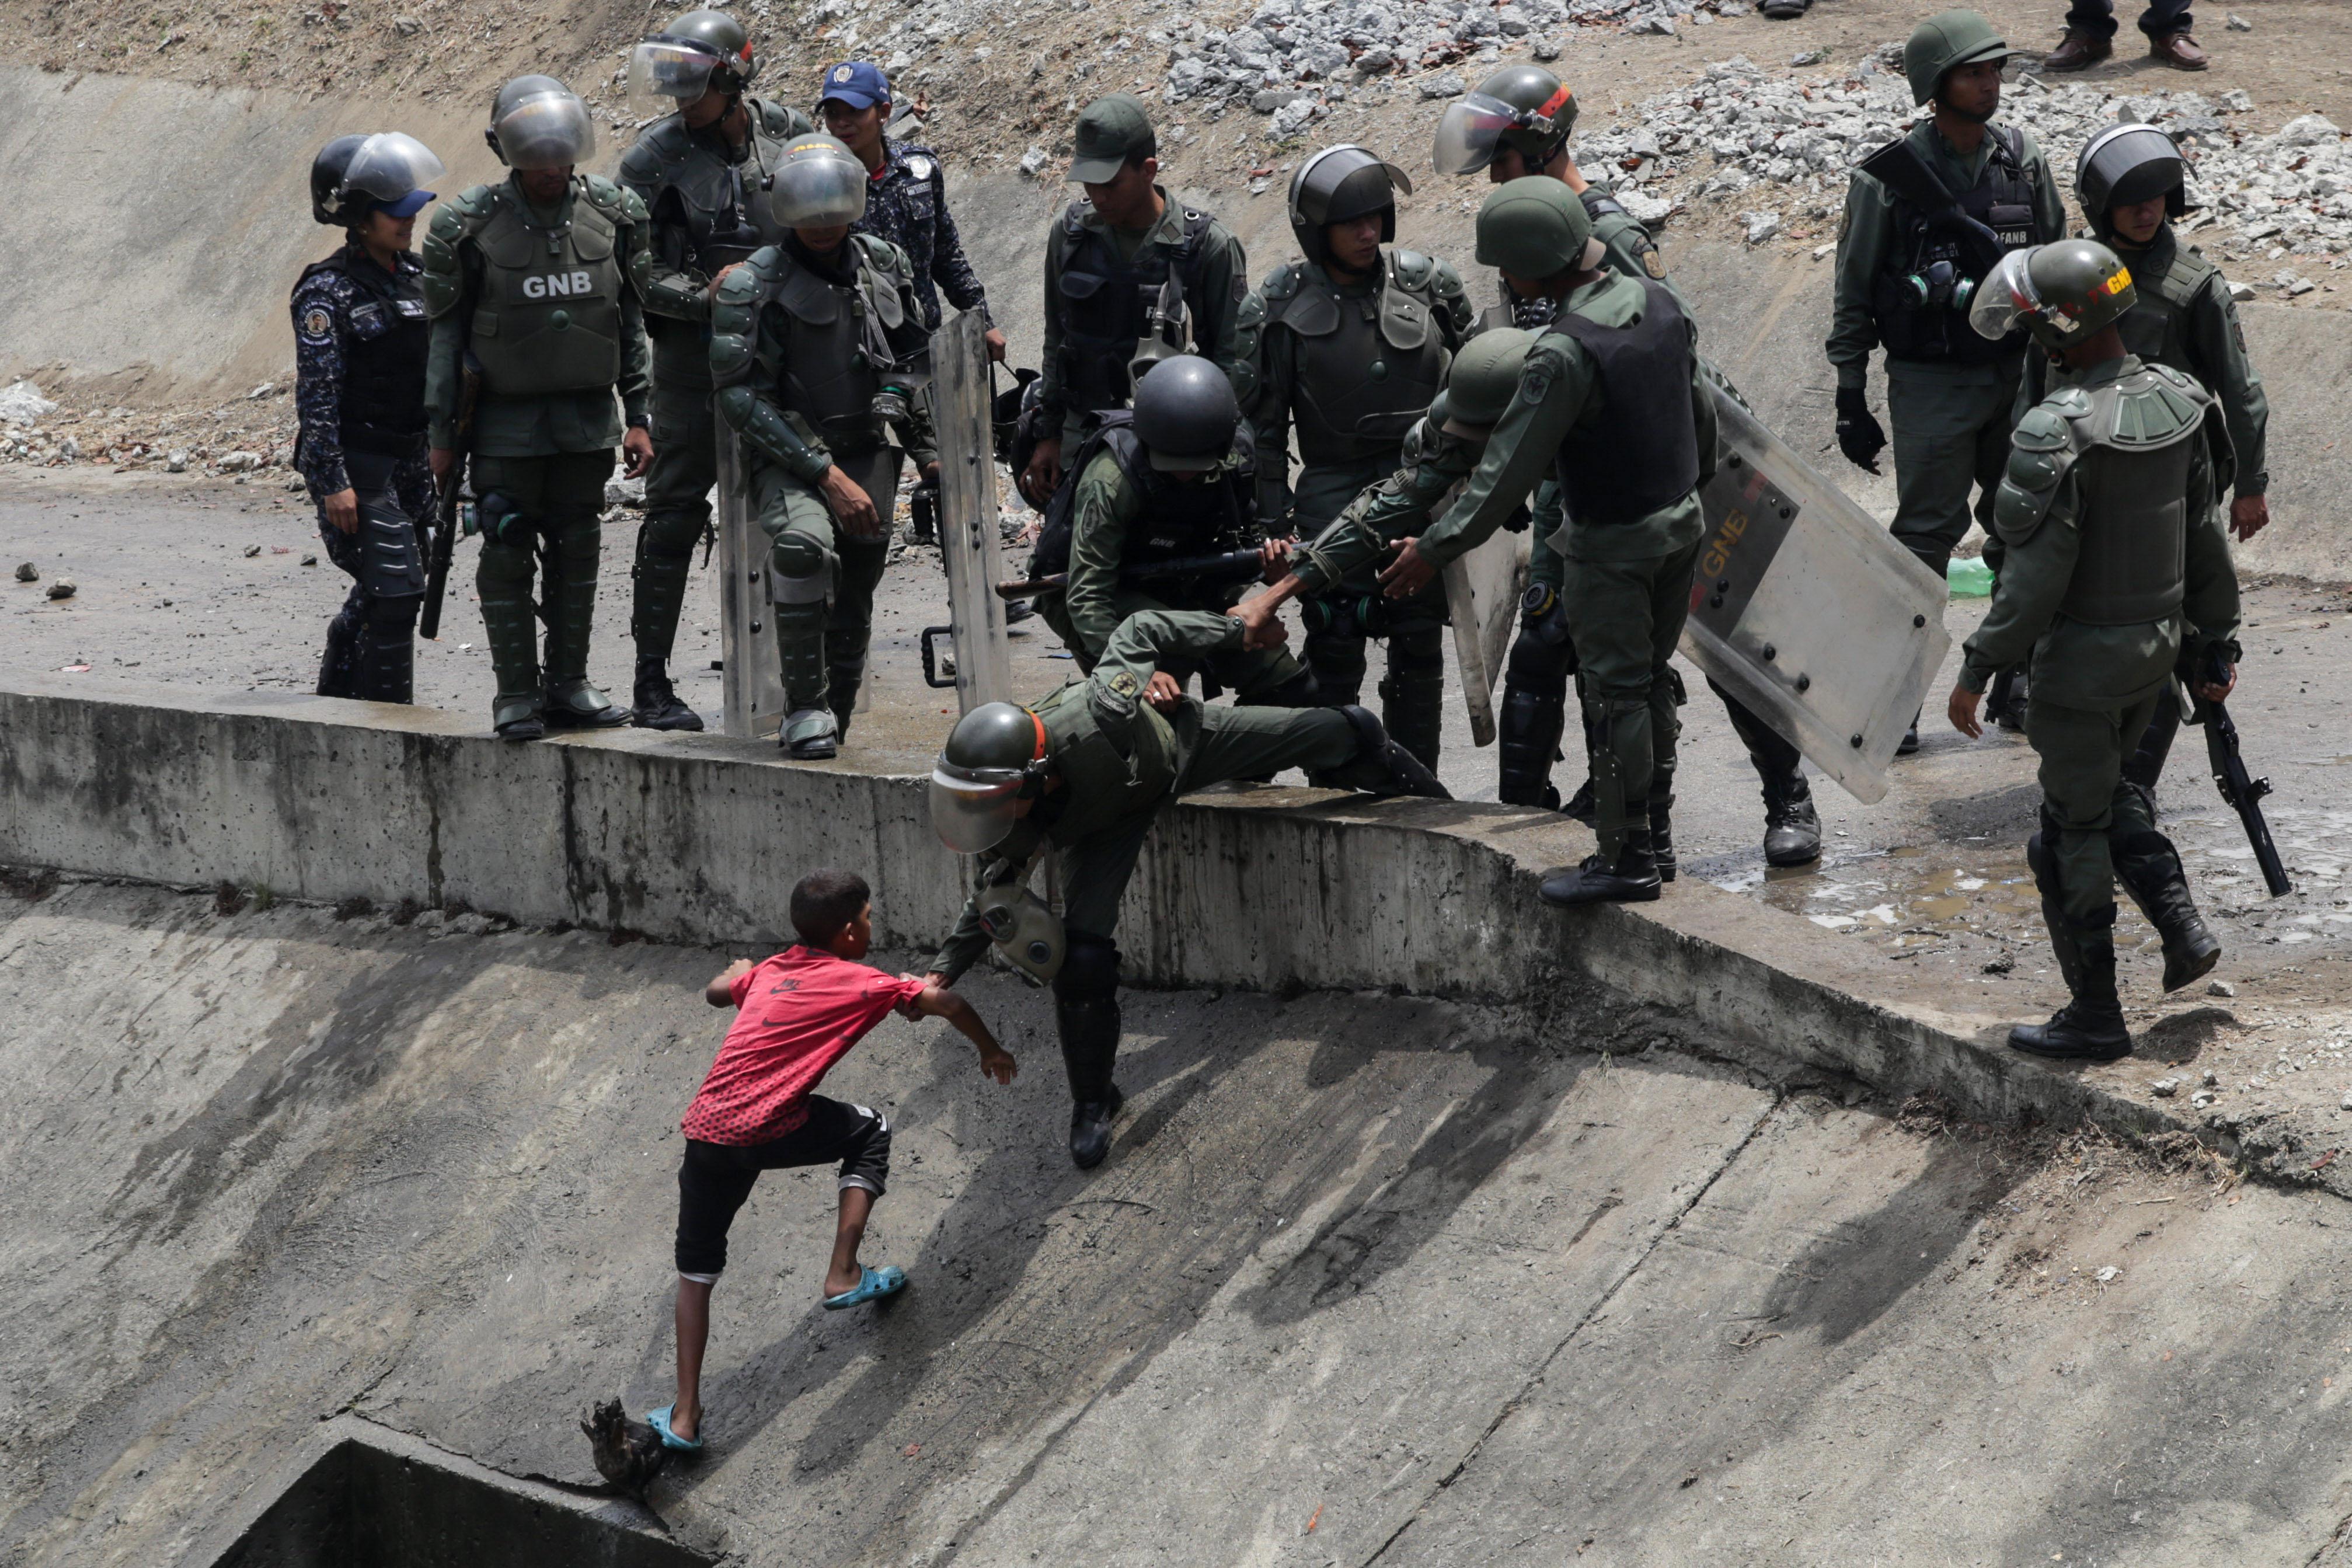 La Guardia Nacional Bolivariana llegó al lugar y retiró a todos los presentes por las insalubres condiciones, decisión que igualmente fue criticada por los ciudadanos